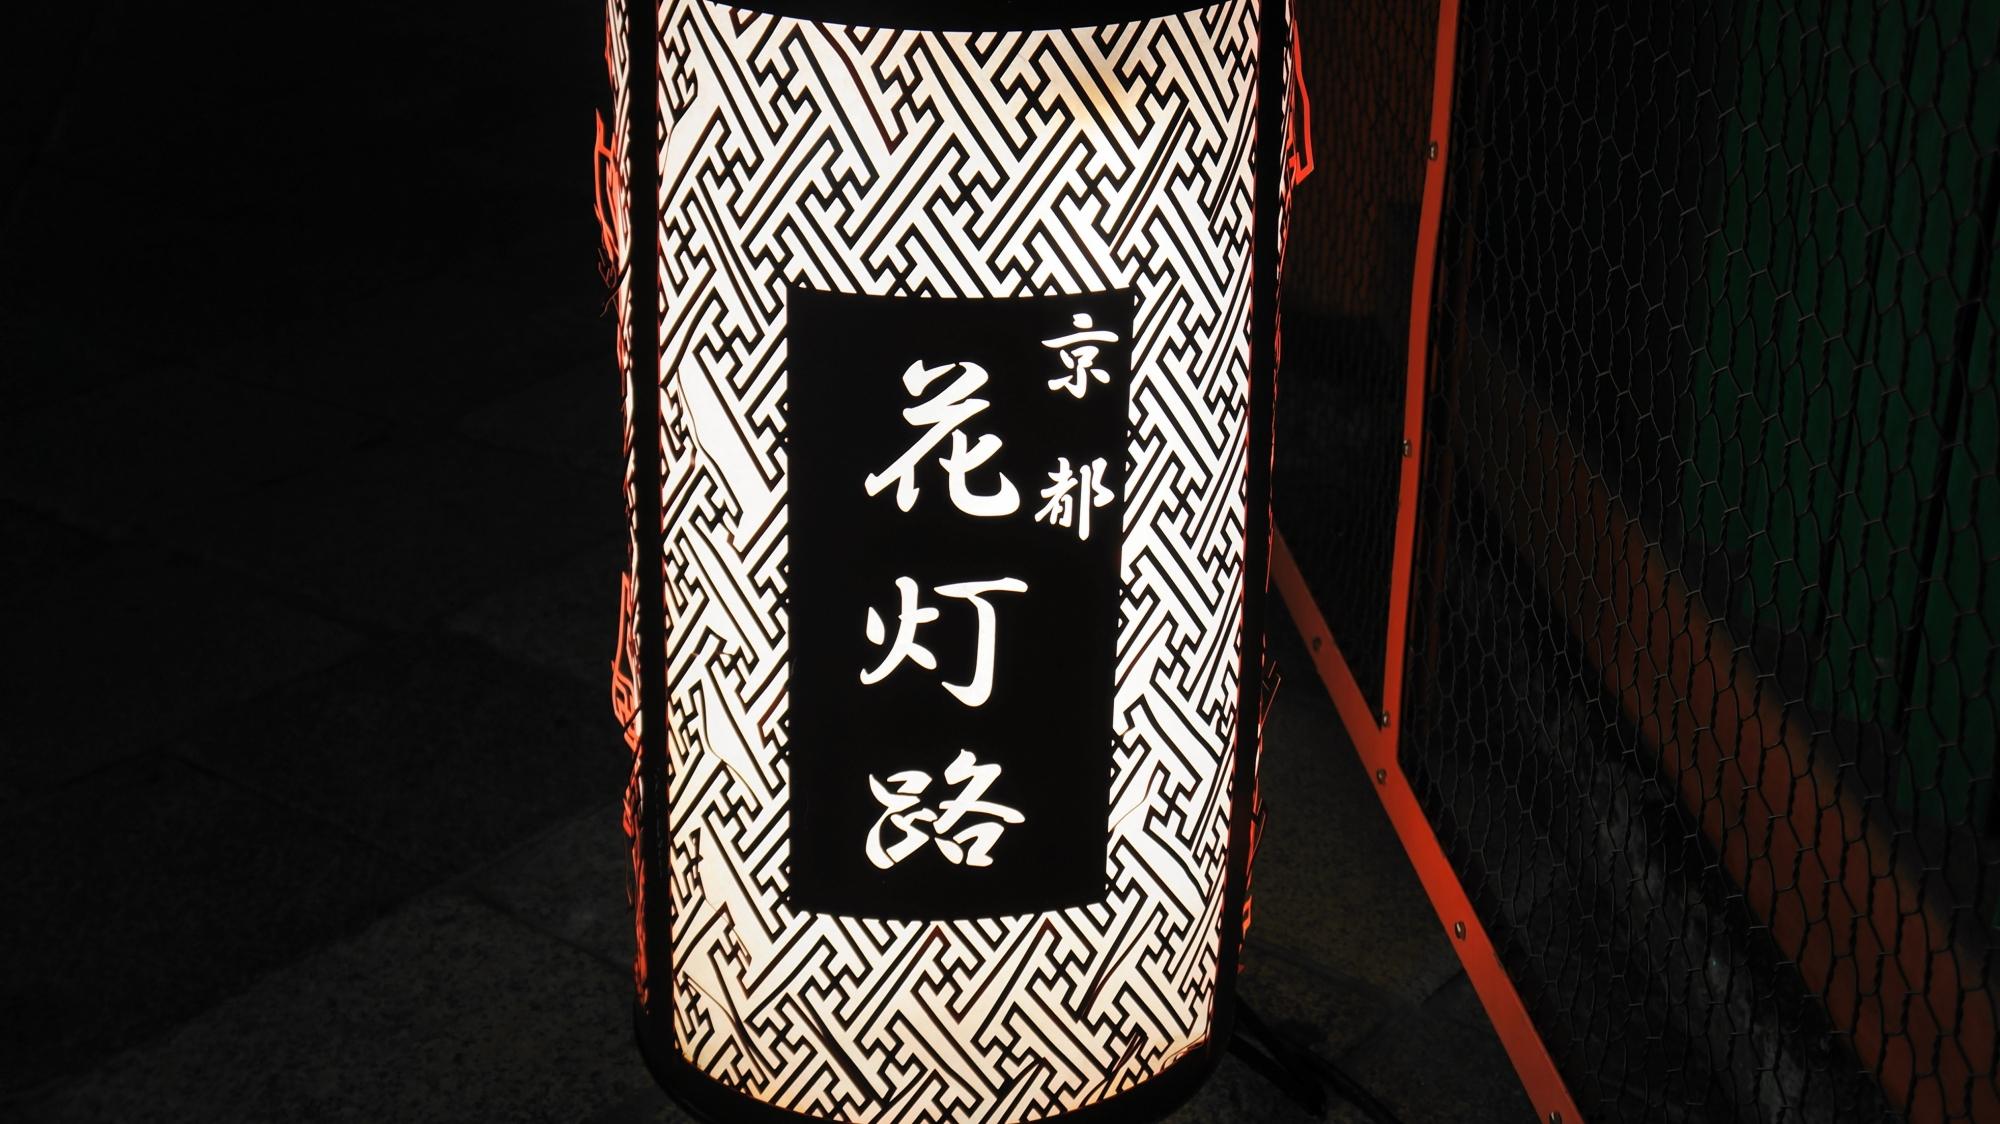 東山花灯路 八坂神社 ライトアップ